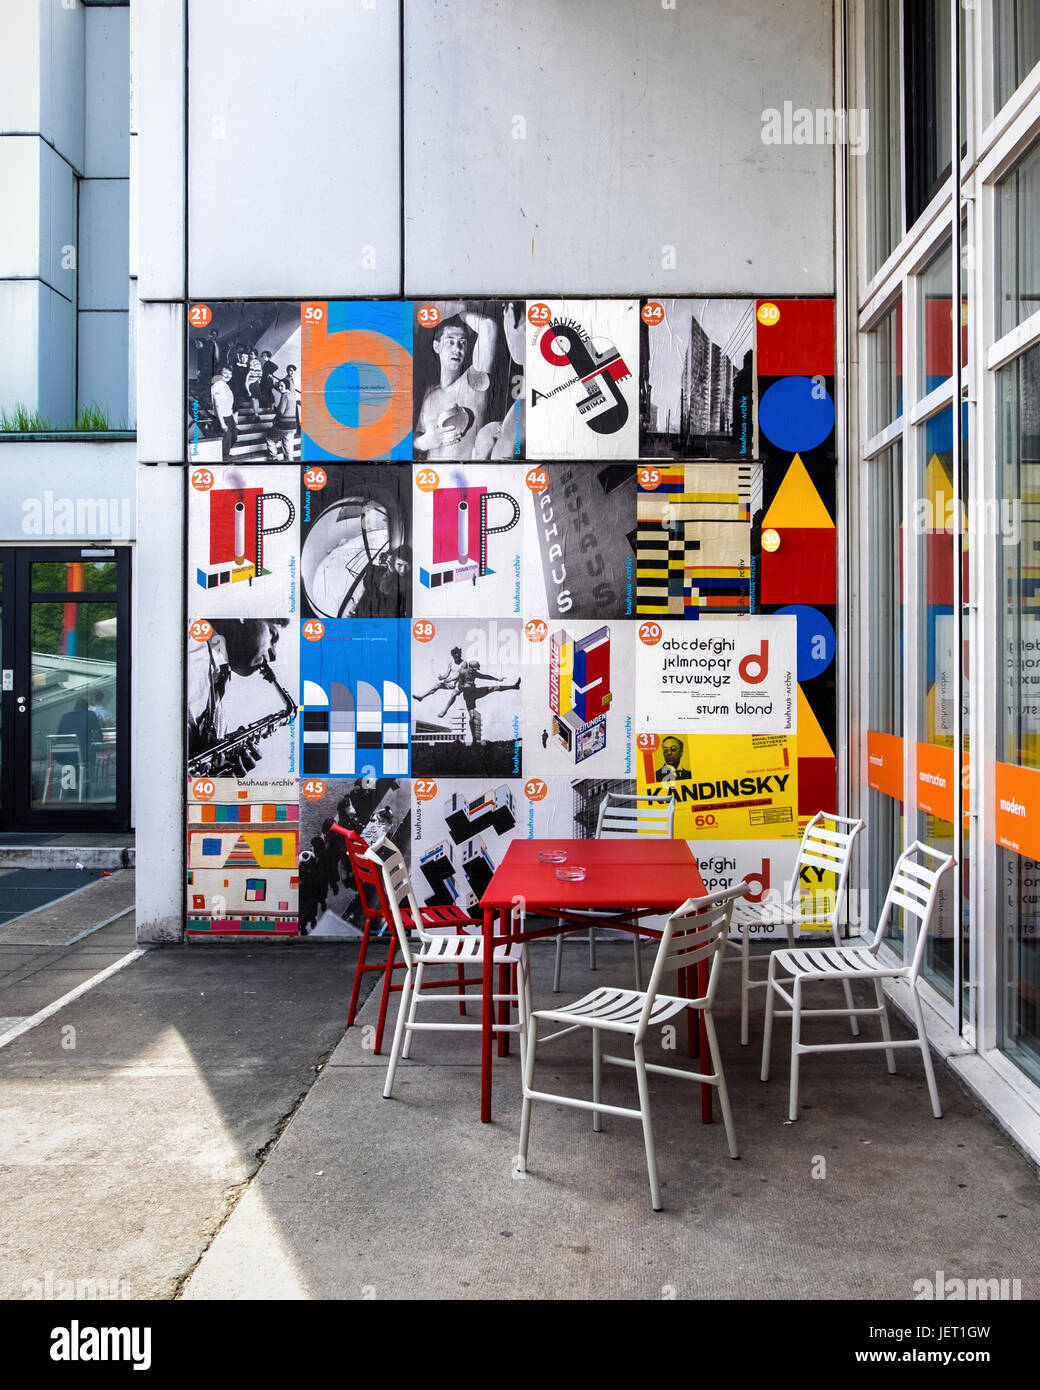 Berlintiergartenthe Bauhaus Gebäude Bauhaus Archiv Museum Für